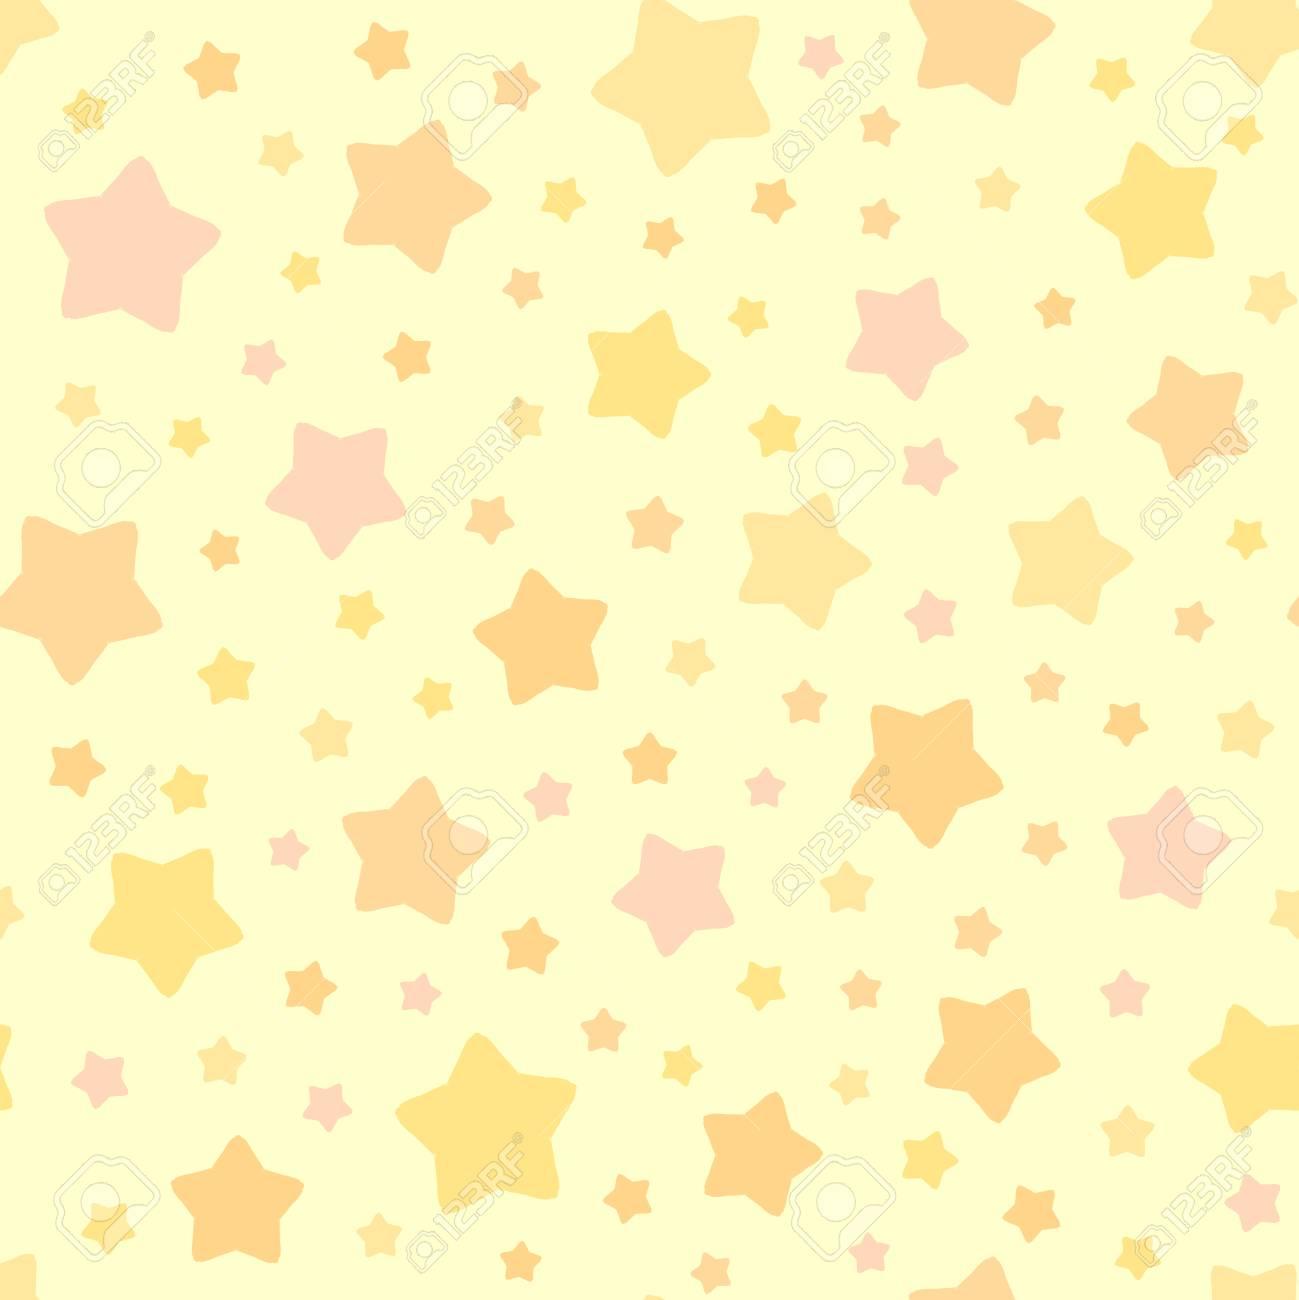 Modèle d\'étoiles vectorielles. Fond de ciel sans soudure. Couleurs pastel  rose jaune orange. Ornement décoratif mignon pour le papier peint de  chambre ...